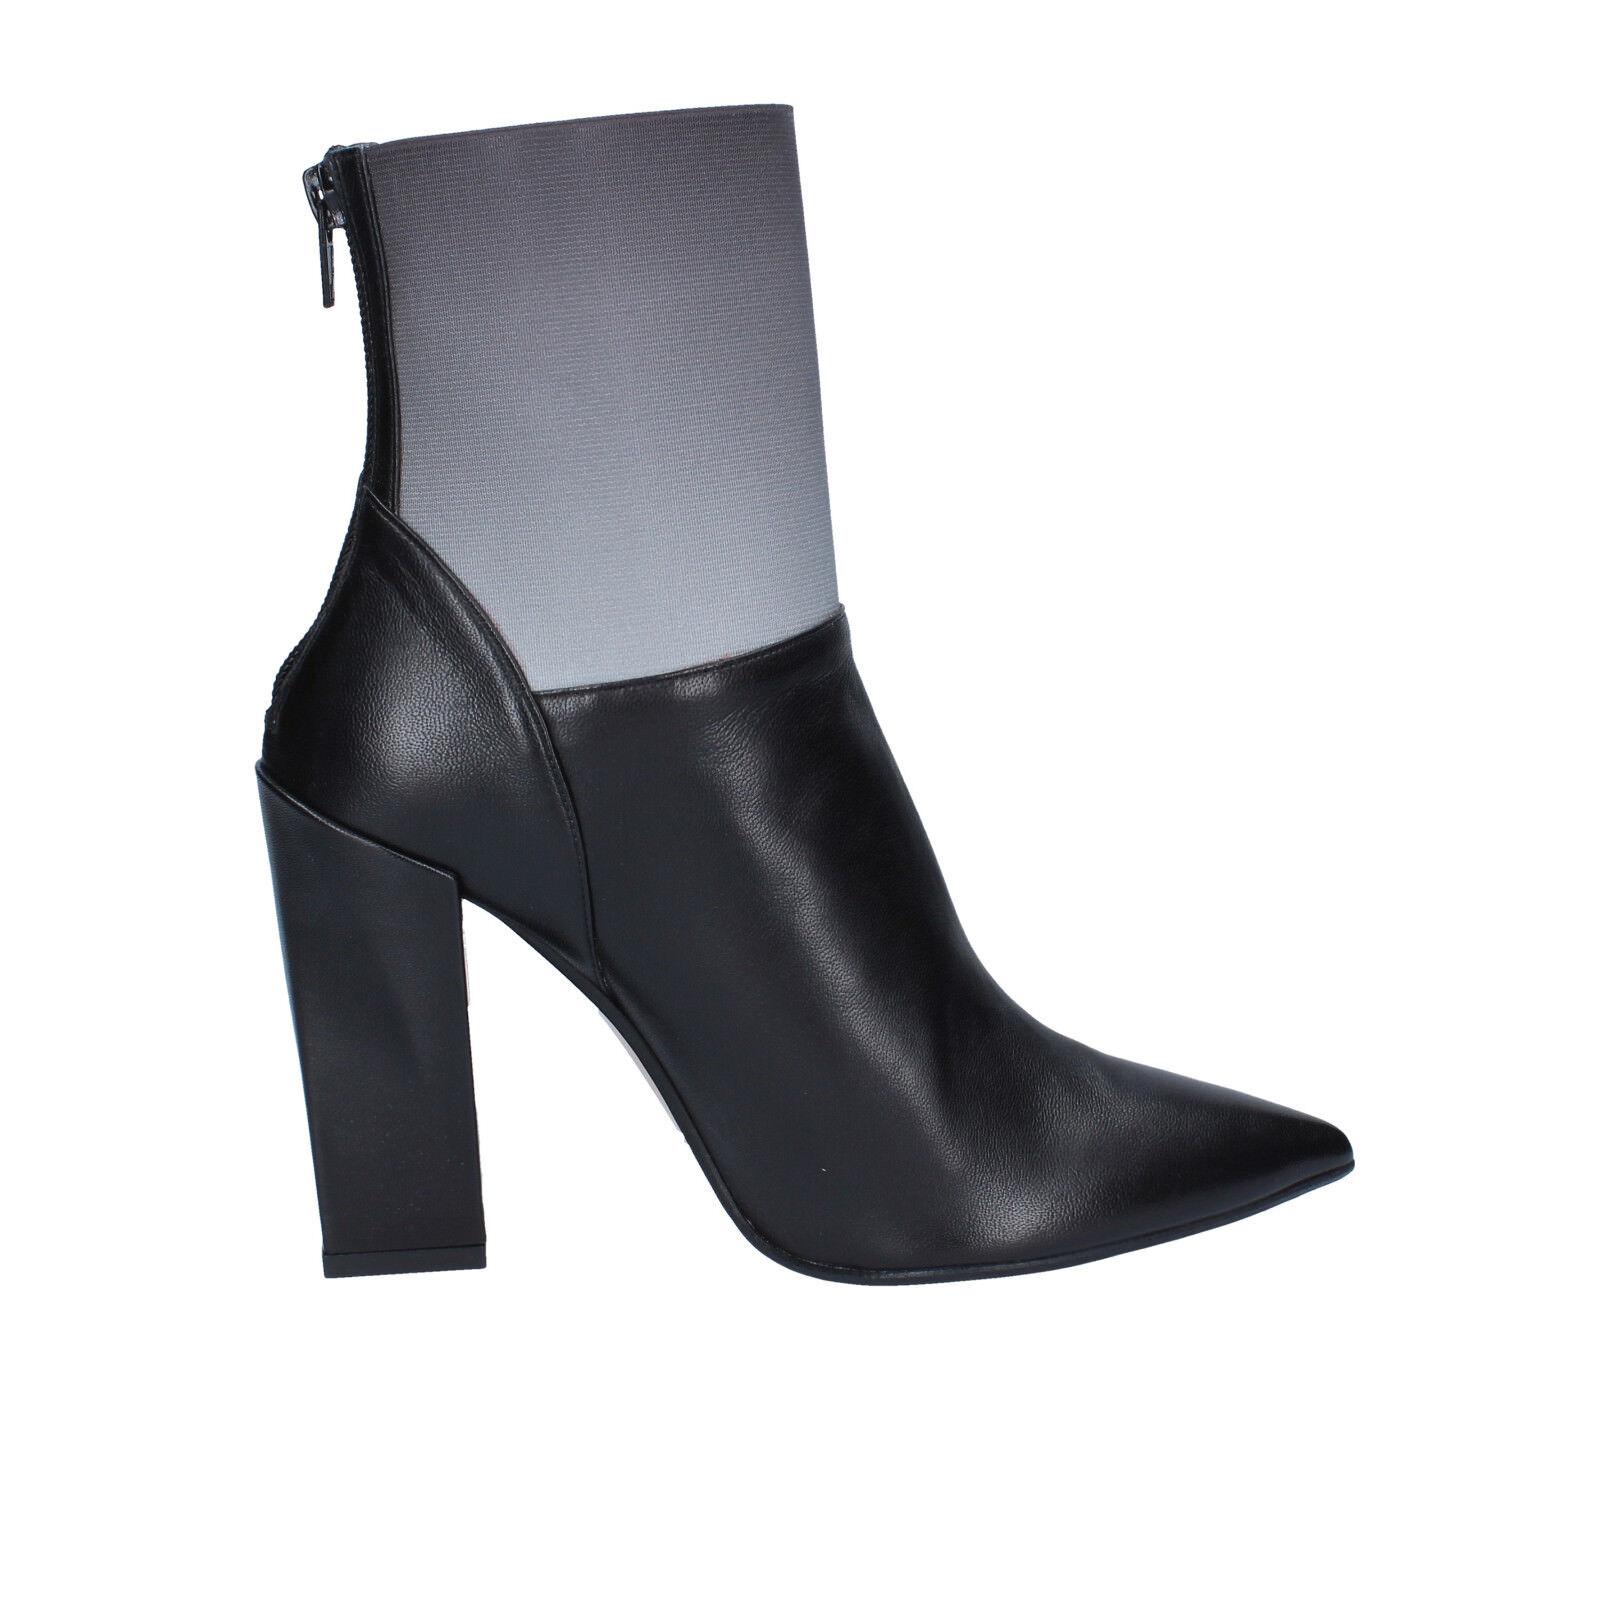 Damen schuhe GIANNI leder MARRA 37,5 EU stiefeletten schwarz grau leder GIANNI BY766-37,5 44fdca